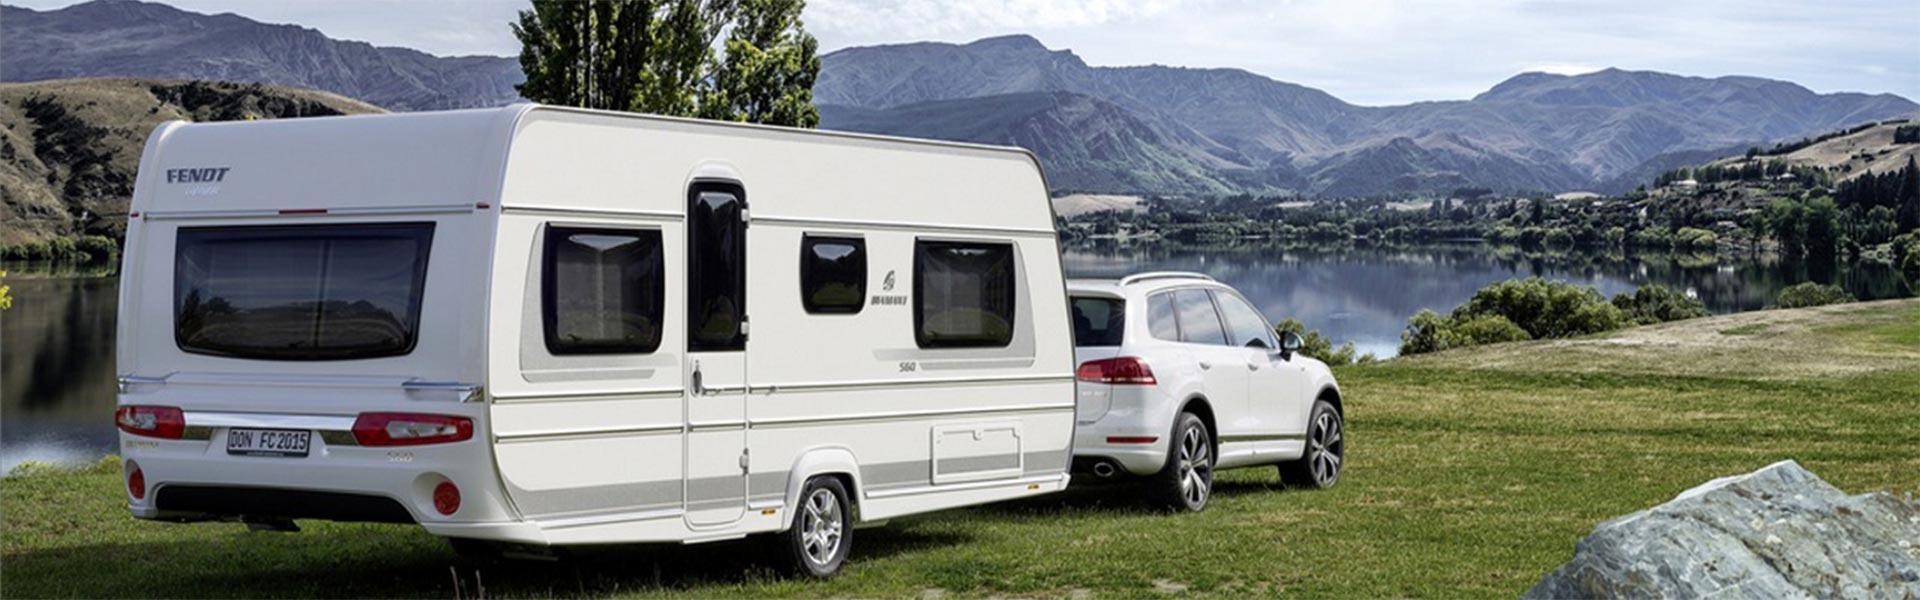 Velkommen til twin caravans twin caravans - Wochenspiegel marktplatz ...